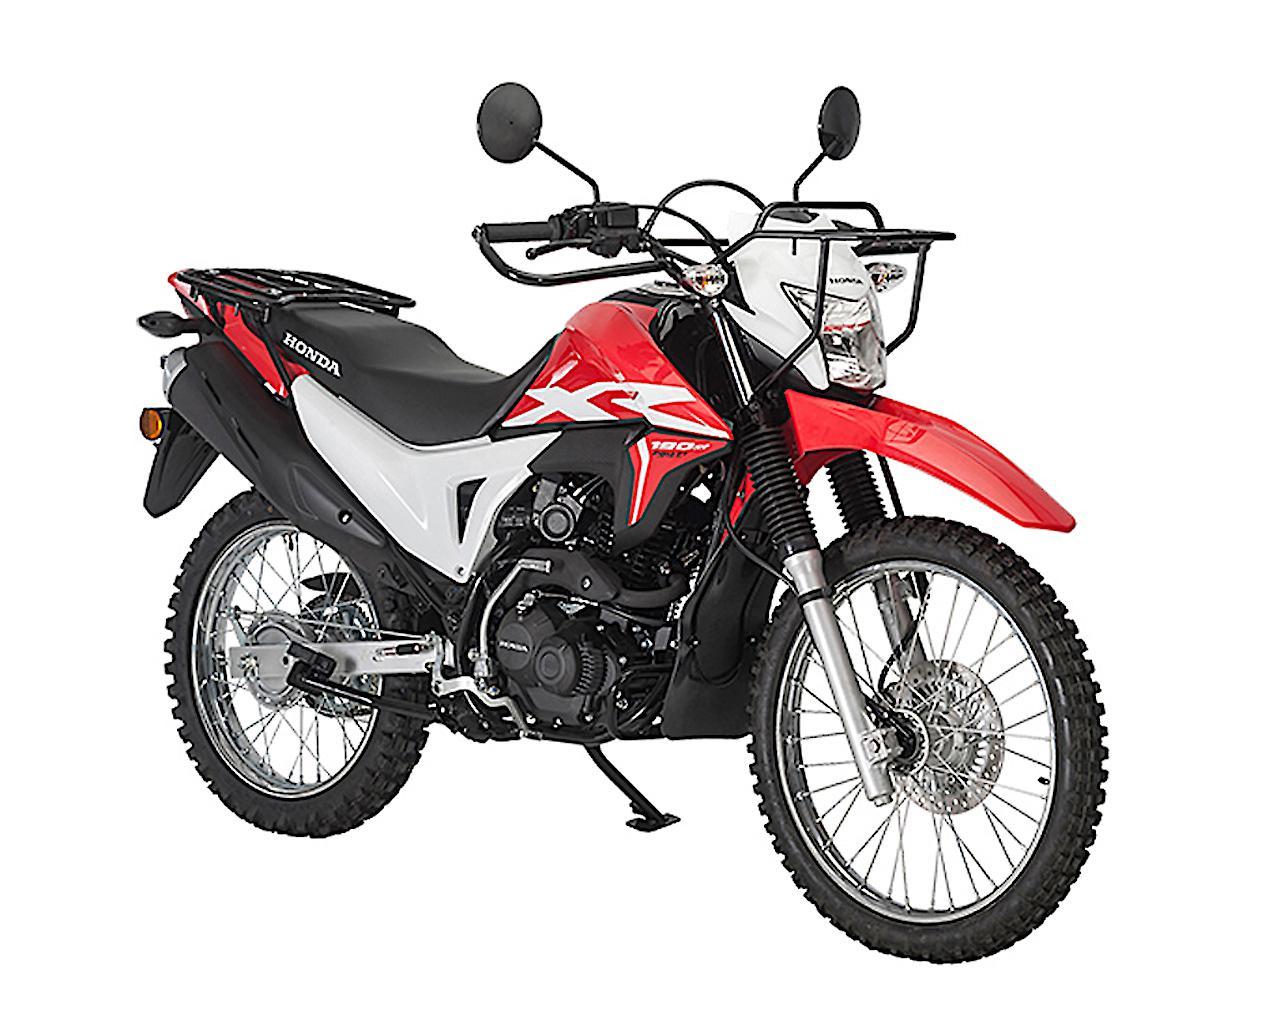 画像: Honda XR190L 総排気量:184.4cc エンジン形式:空冷4スト単気筒 シート高:823mm 車両重量:137kg 写真はオーストラリア仕様